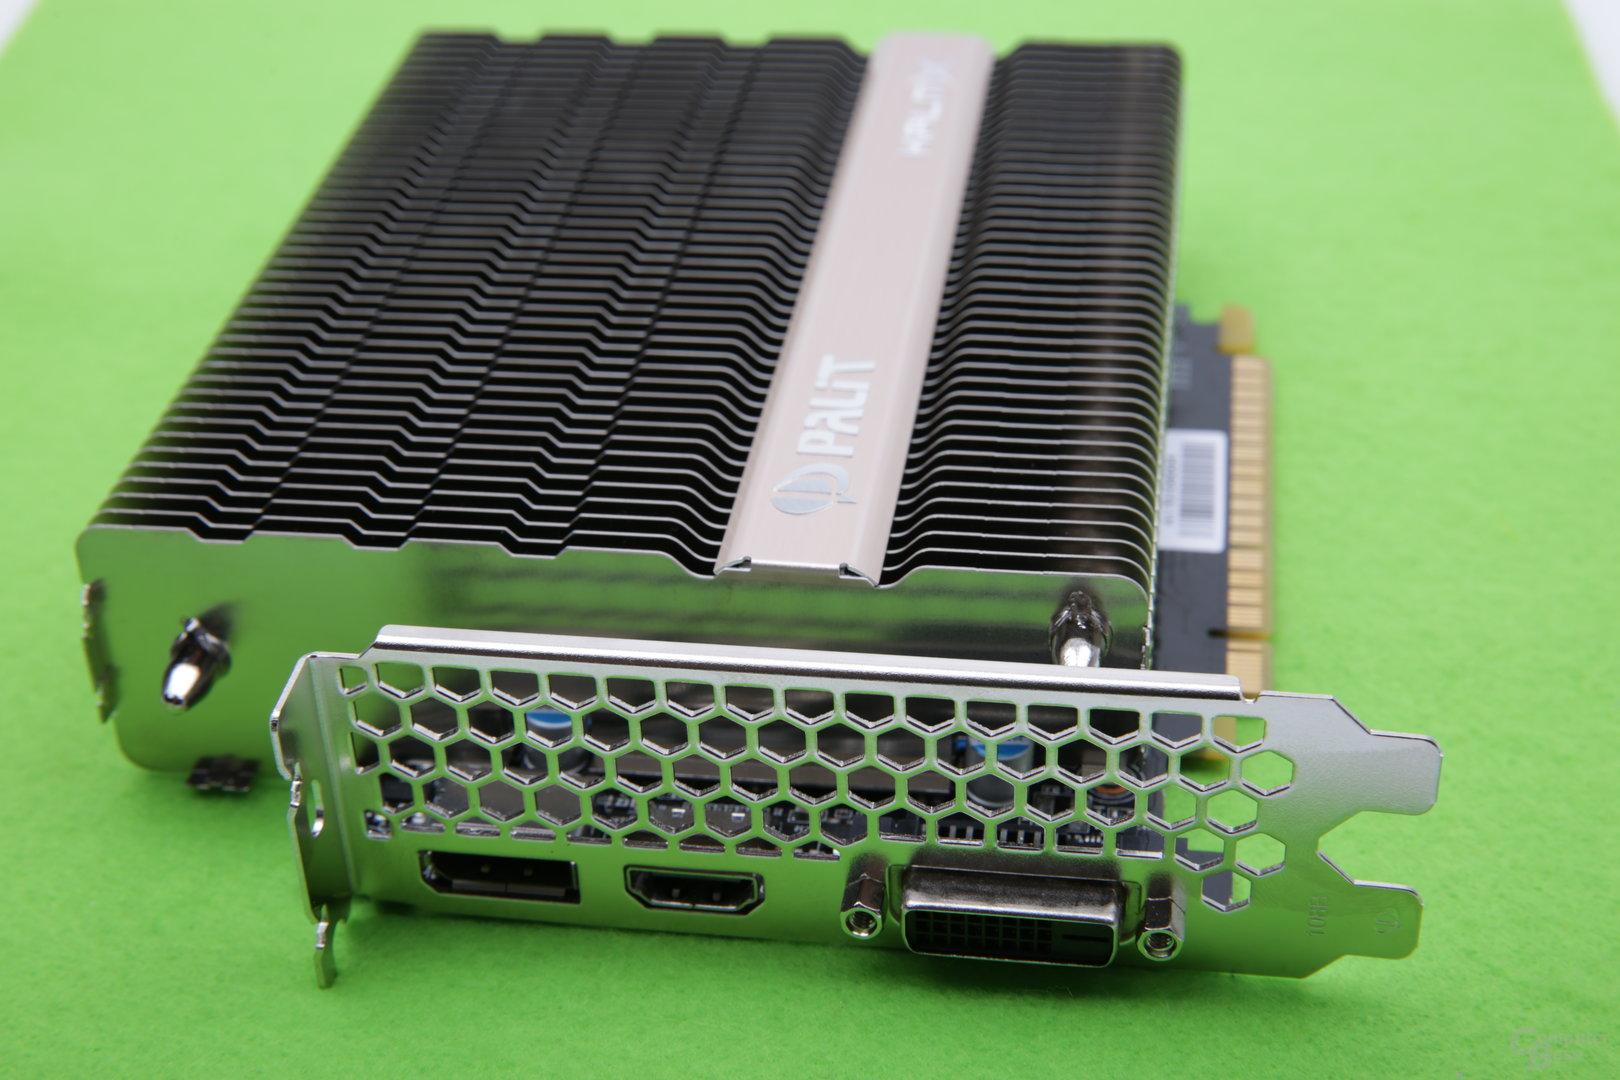 Palit GeForce GTX 1050 Ti KalmX – Anschlüsse